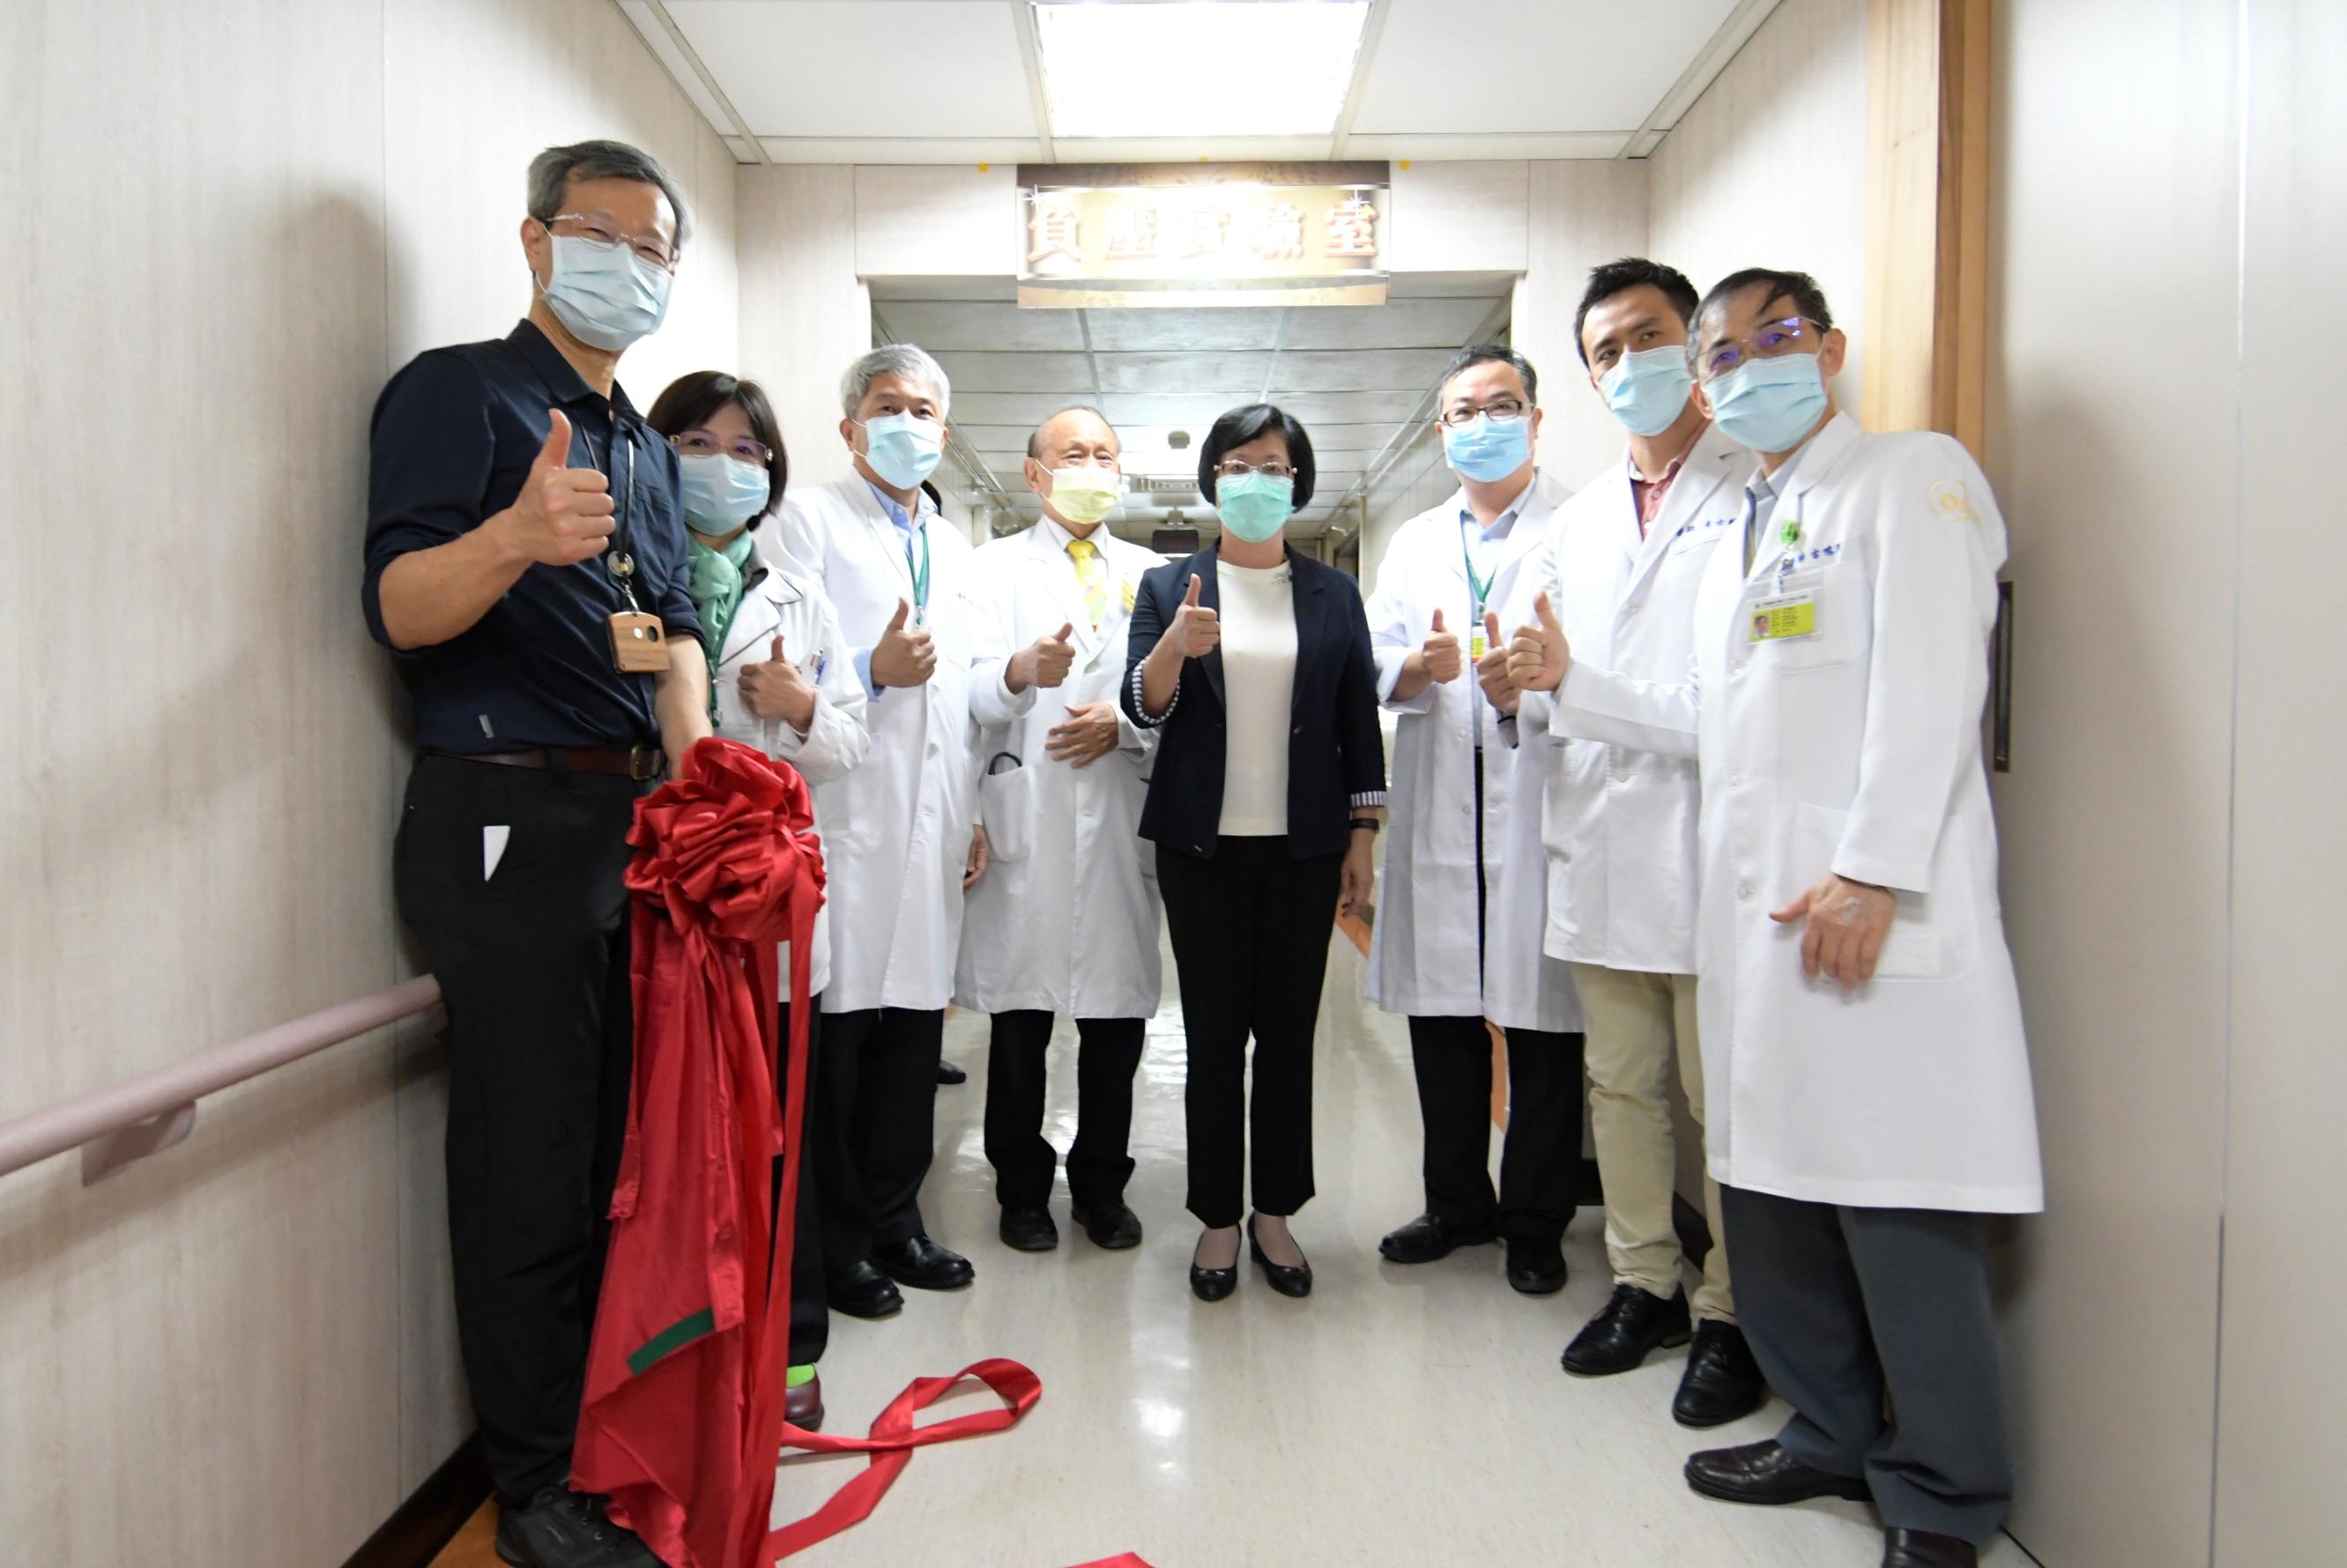 彰化縣超前部署 秀傳紀念醫院新冠肺炎指定檢驗實驗室啟用 捐贈一千支溫度計 共同守護縣民健康